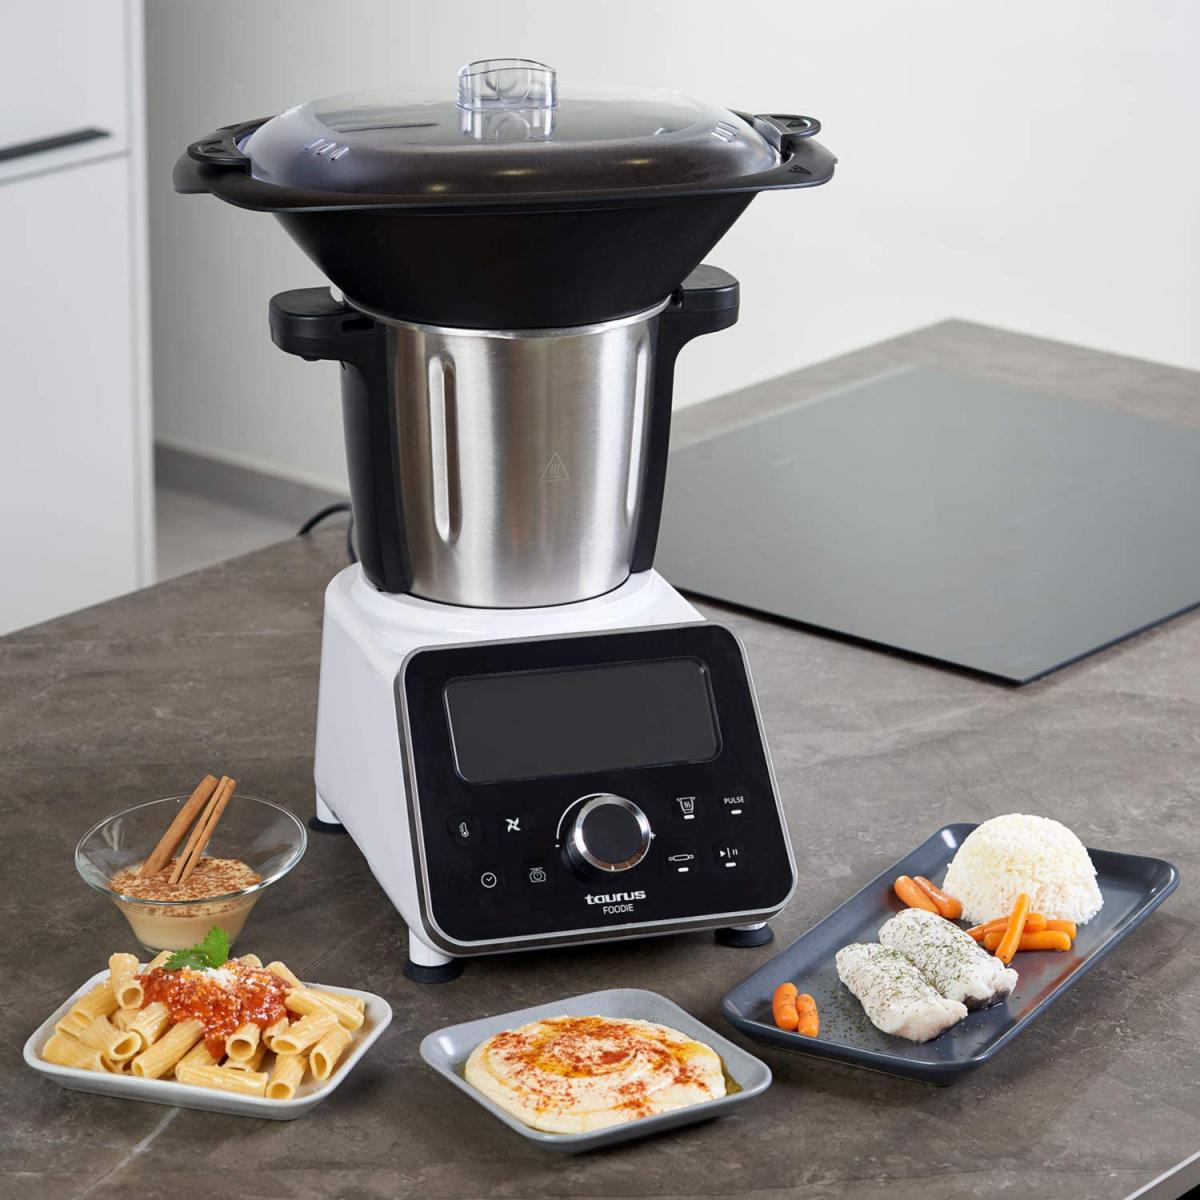 Taurus robot de cuisine multifonction de 3,5L avec 31 fonctions et balance intégrée 1500W gris noir